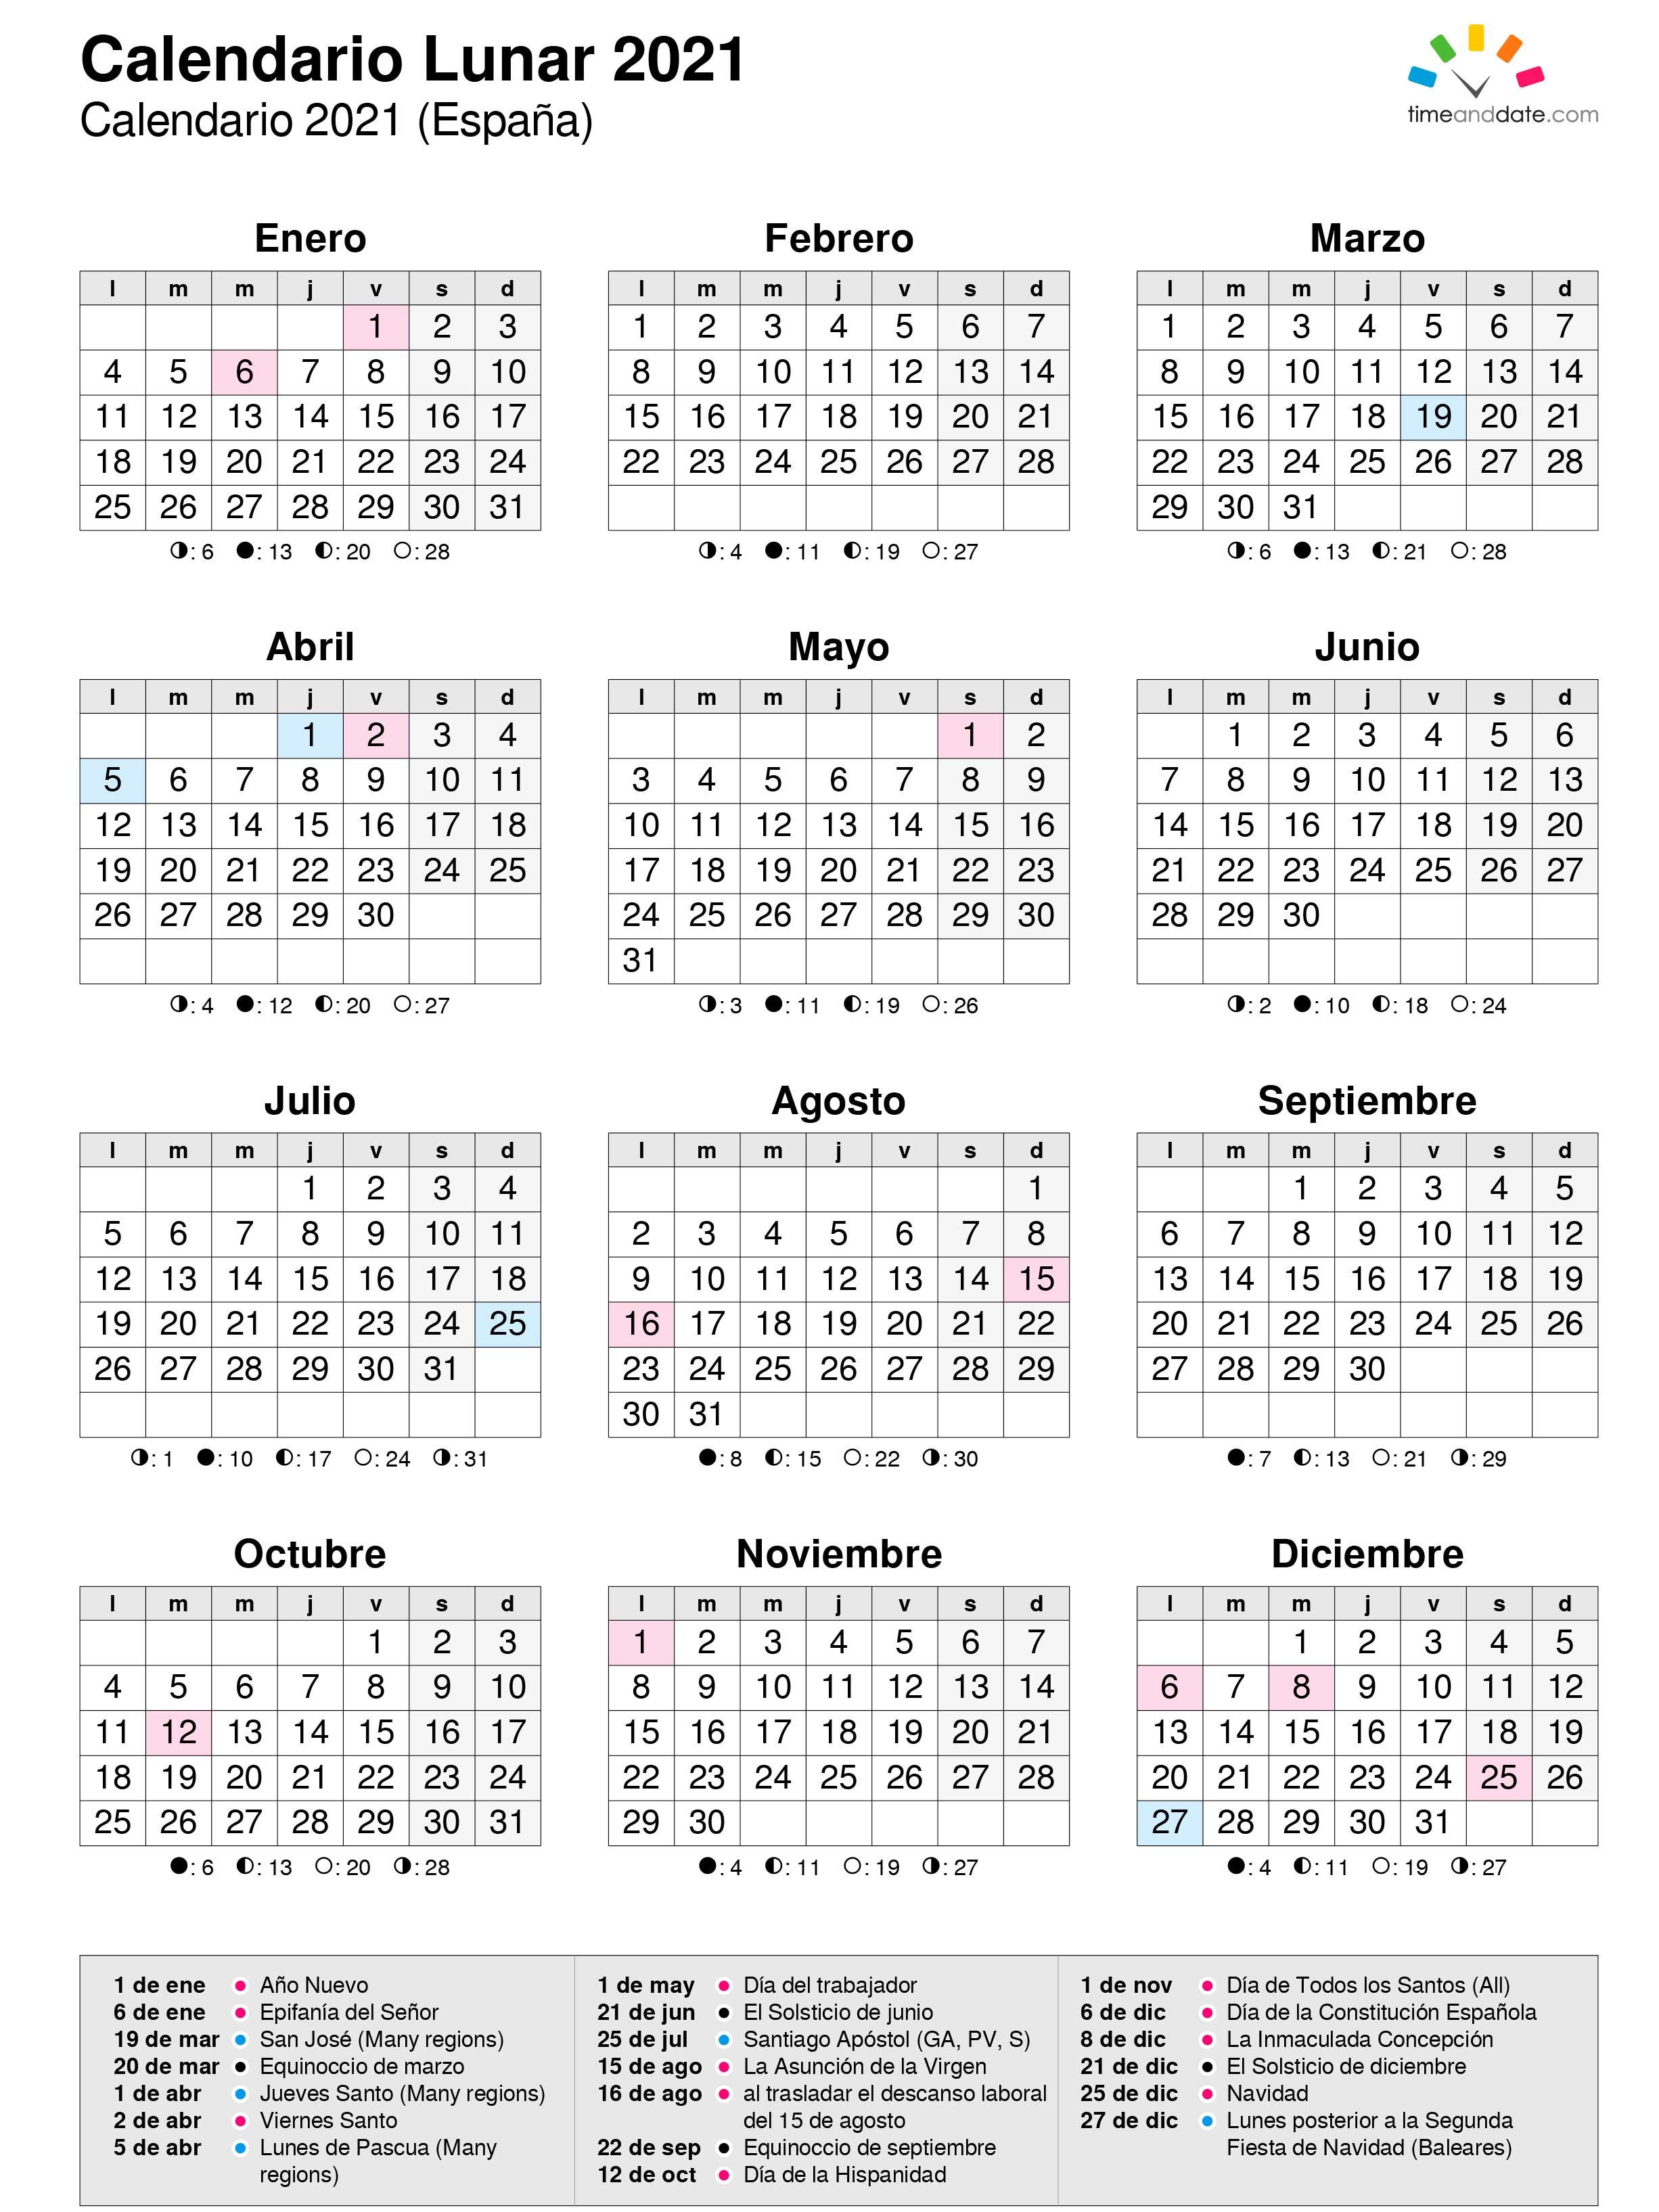 Calendario Lunar del Año 2021